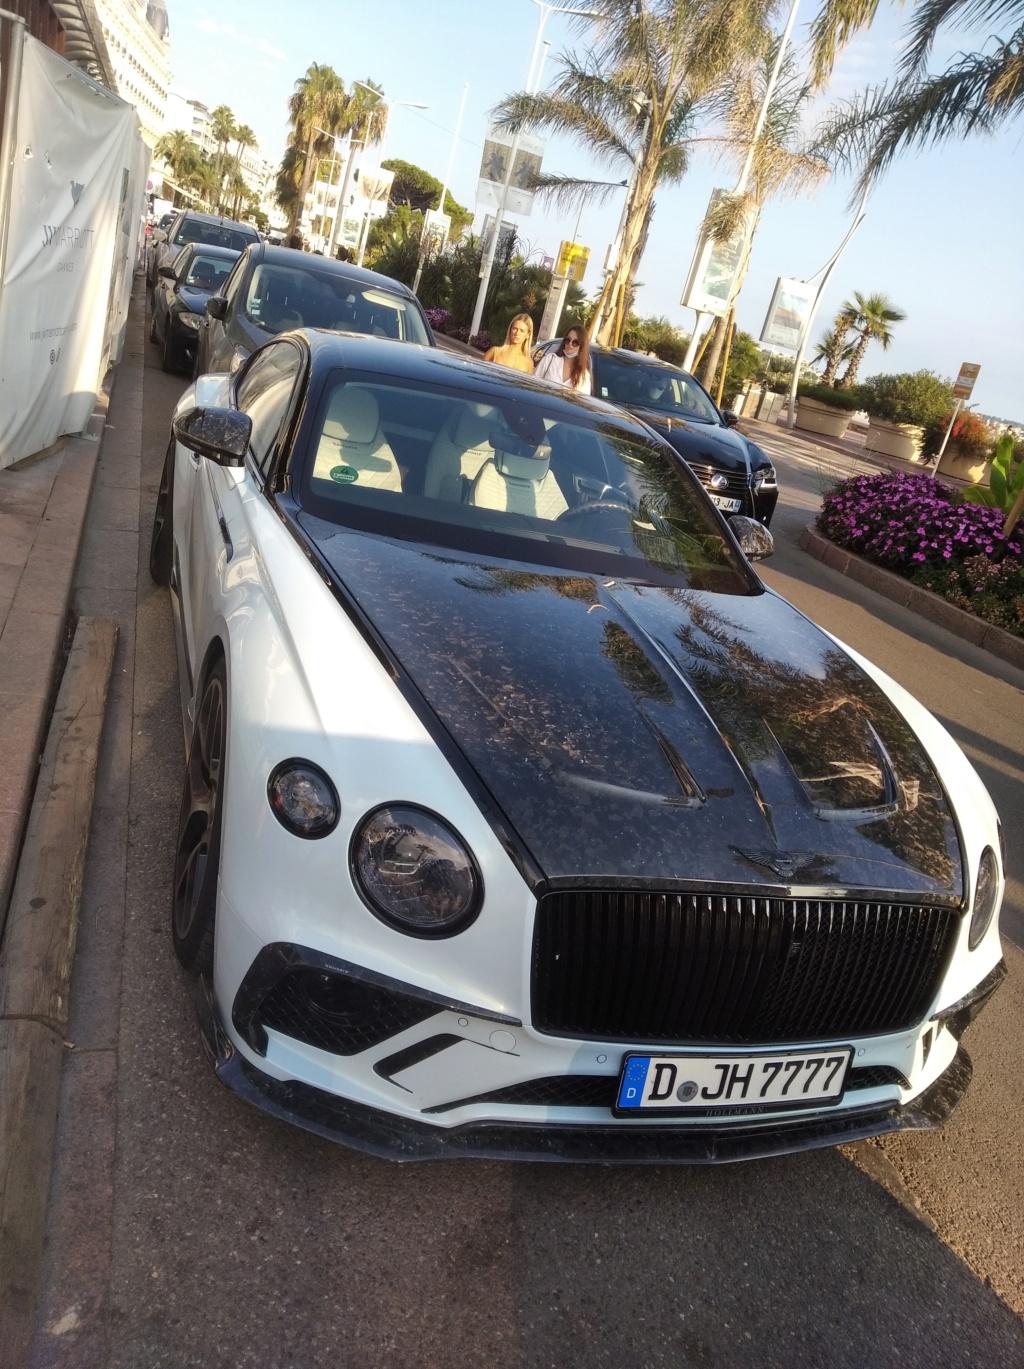 Mon TT - Célia  - Page 5 Cannes13